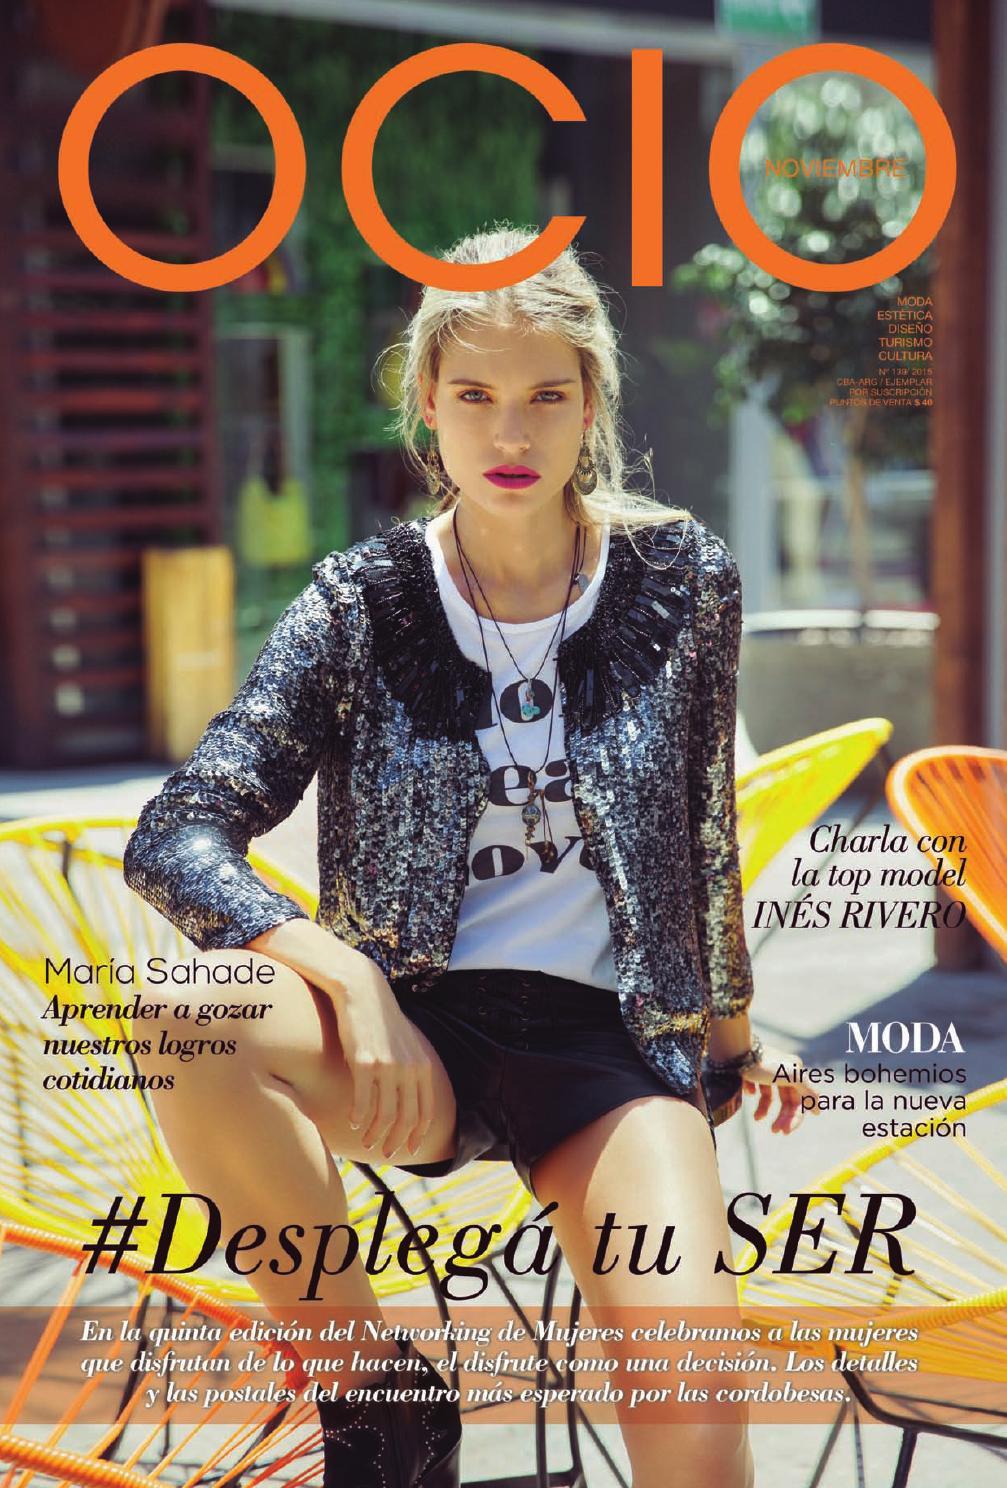 db4cdd601e8 OCIO NOVIEMBRE 2015 by Revista Ocio - issuu